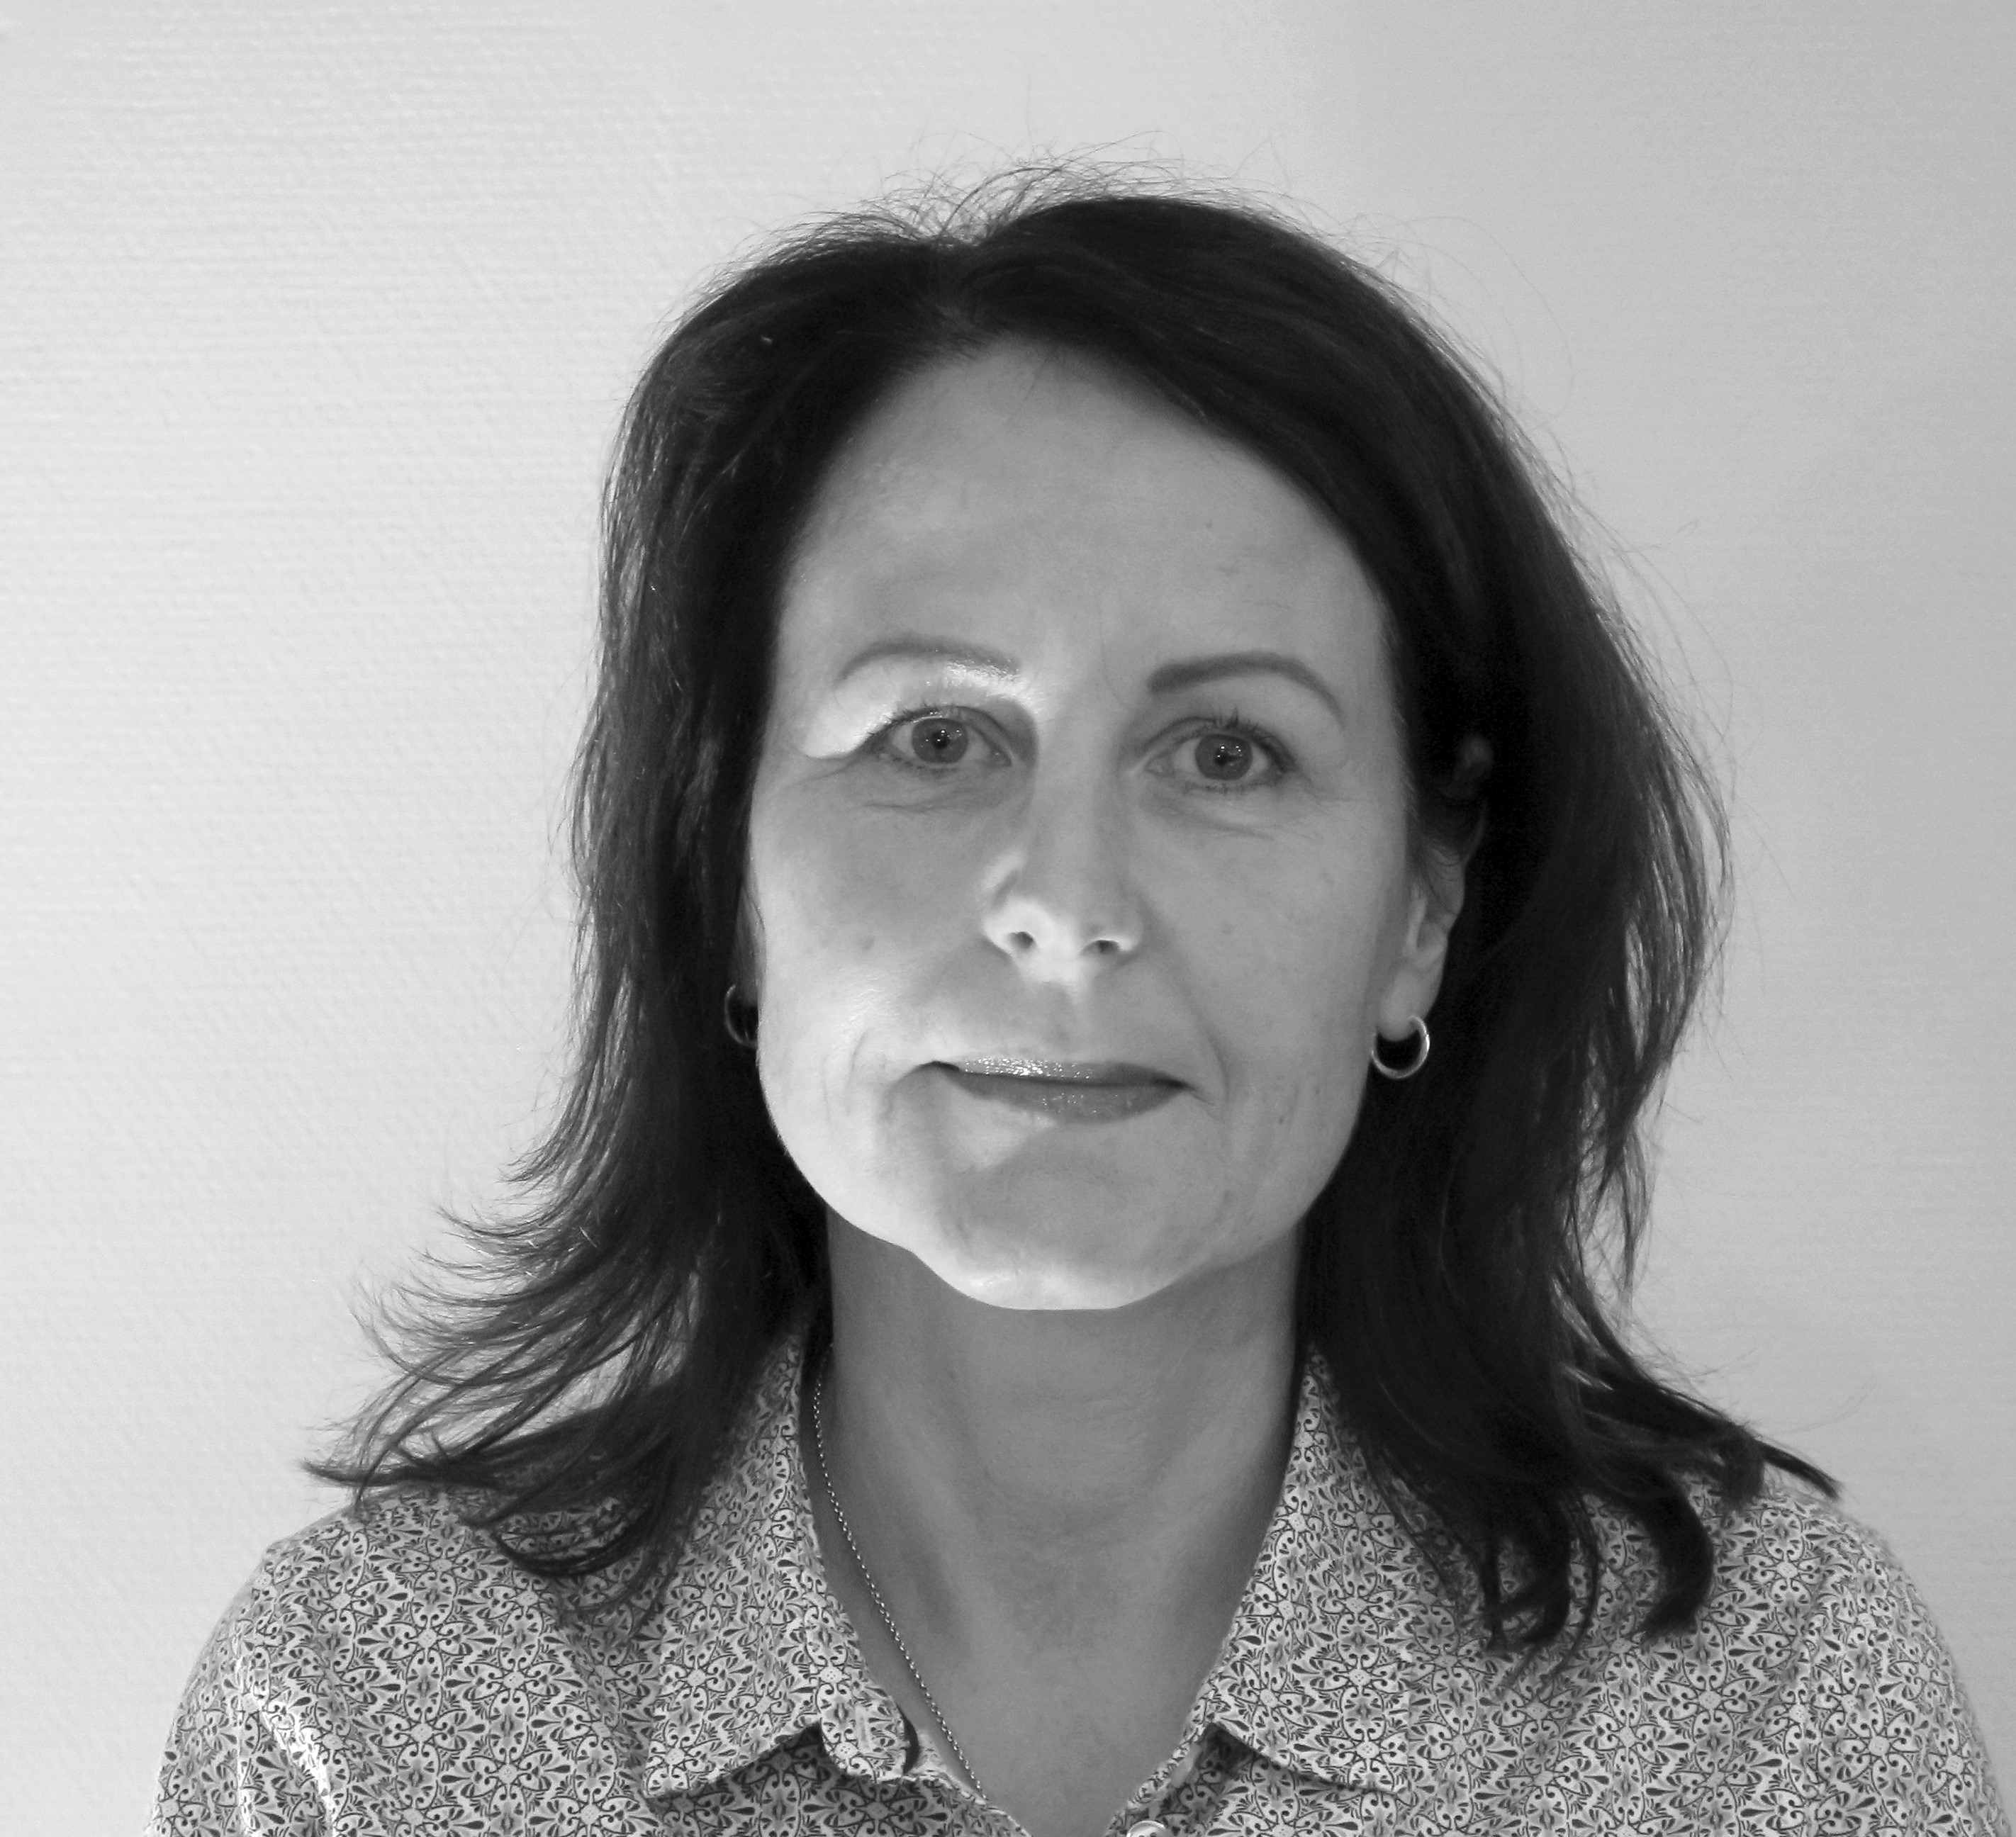 Intervju med Lara Konradsdottir – styremedlem i FR